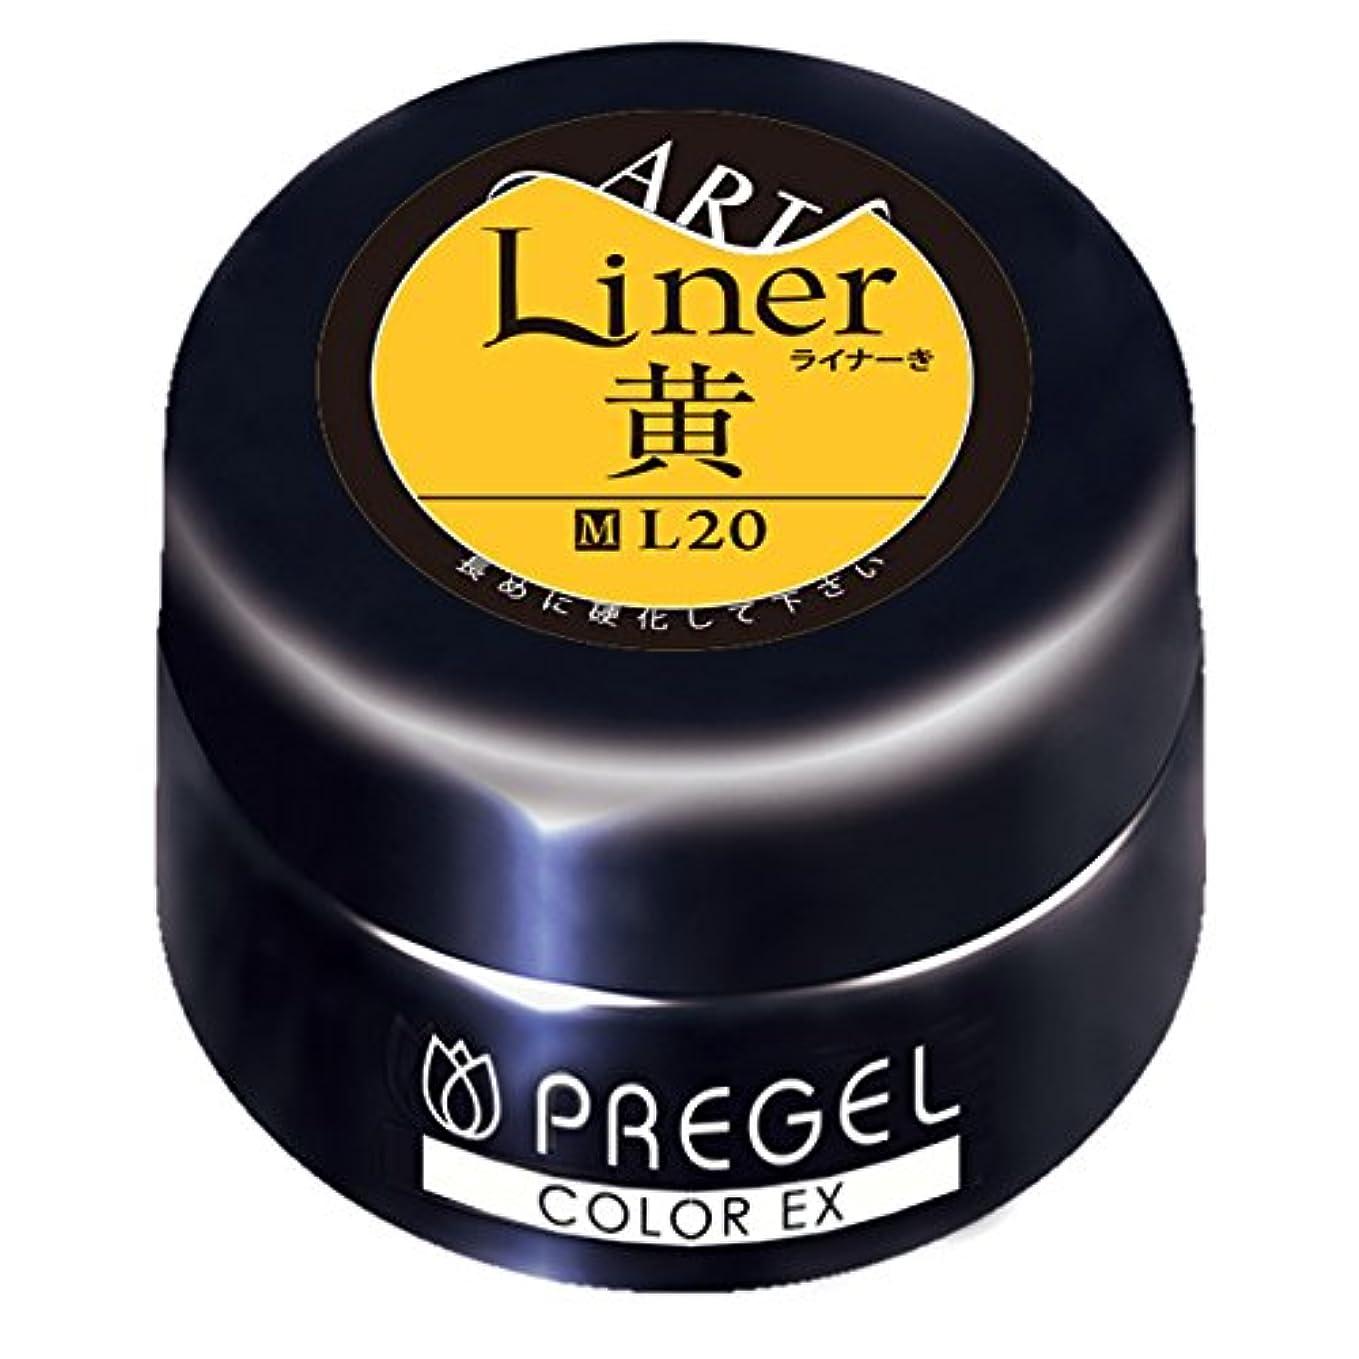 タール定義最後のPRE GEL カラーEX ライナー黄 3g PG-CEL20 UV/LED対応